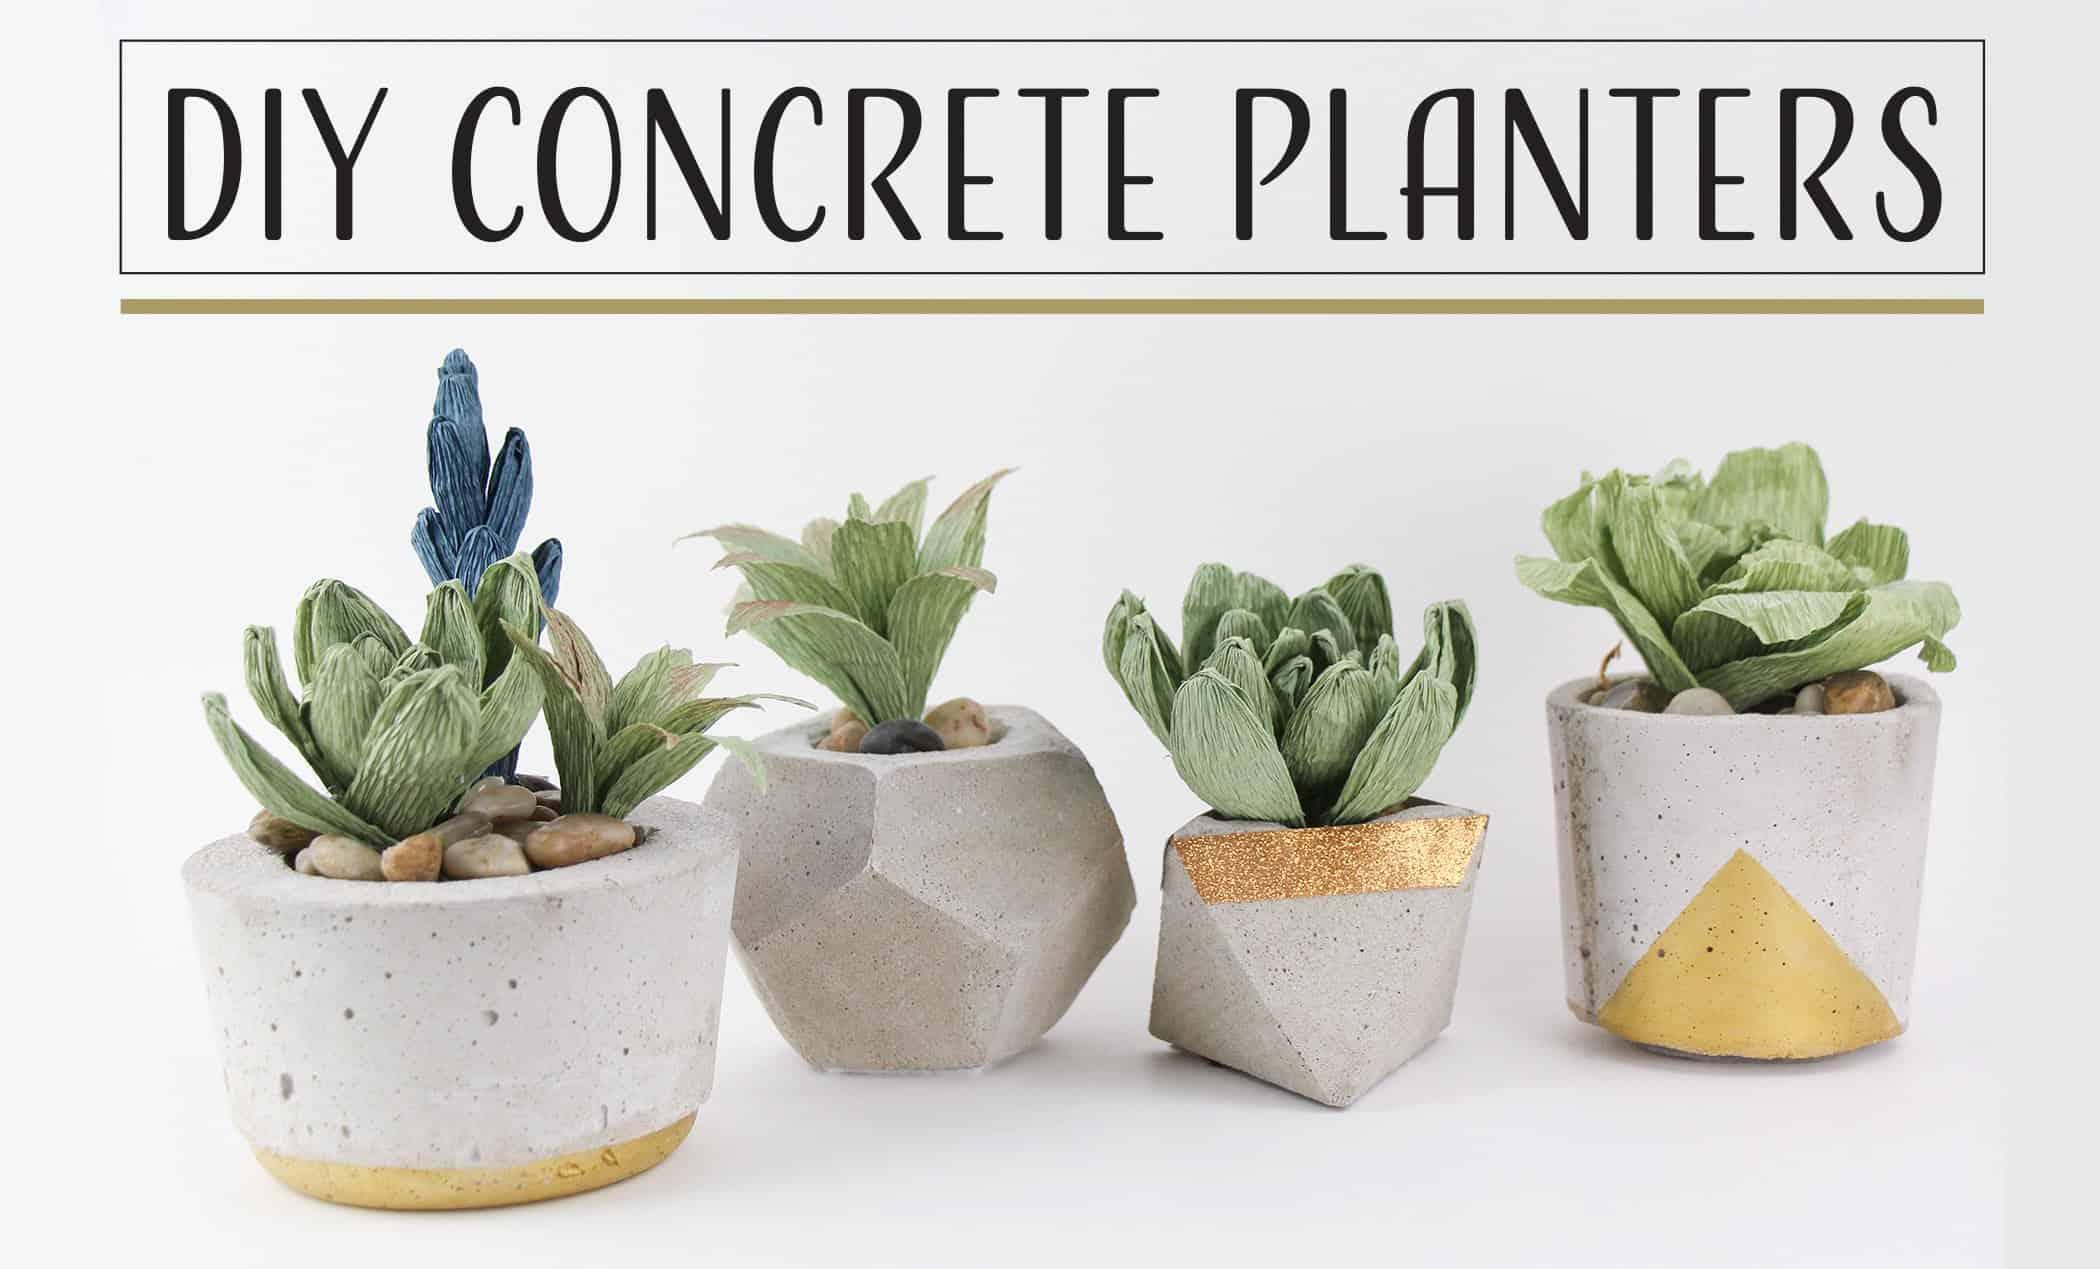 Gold concrete planters